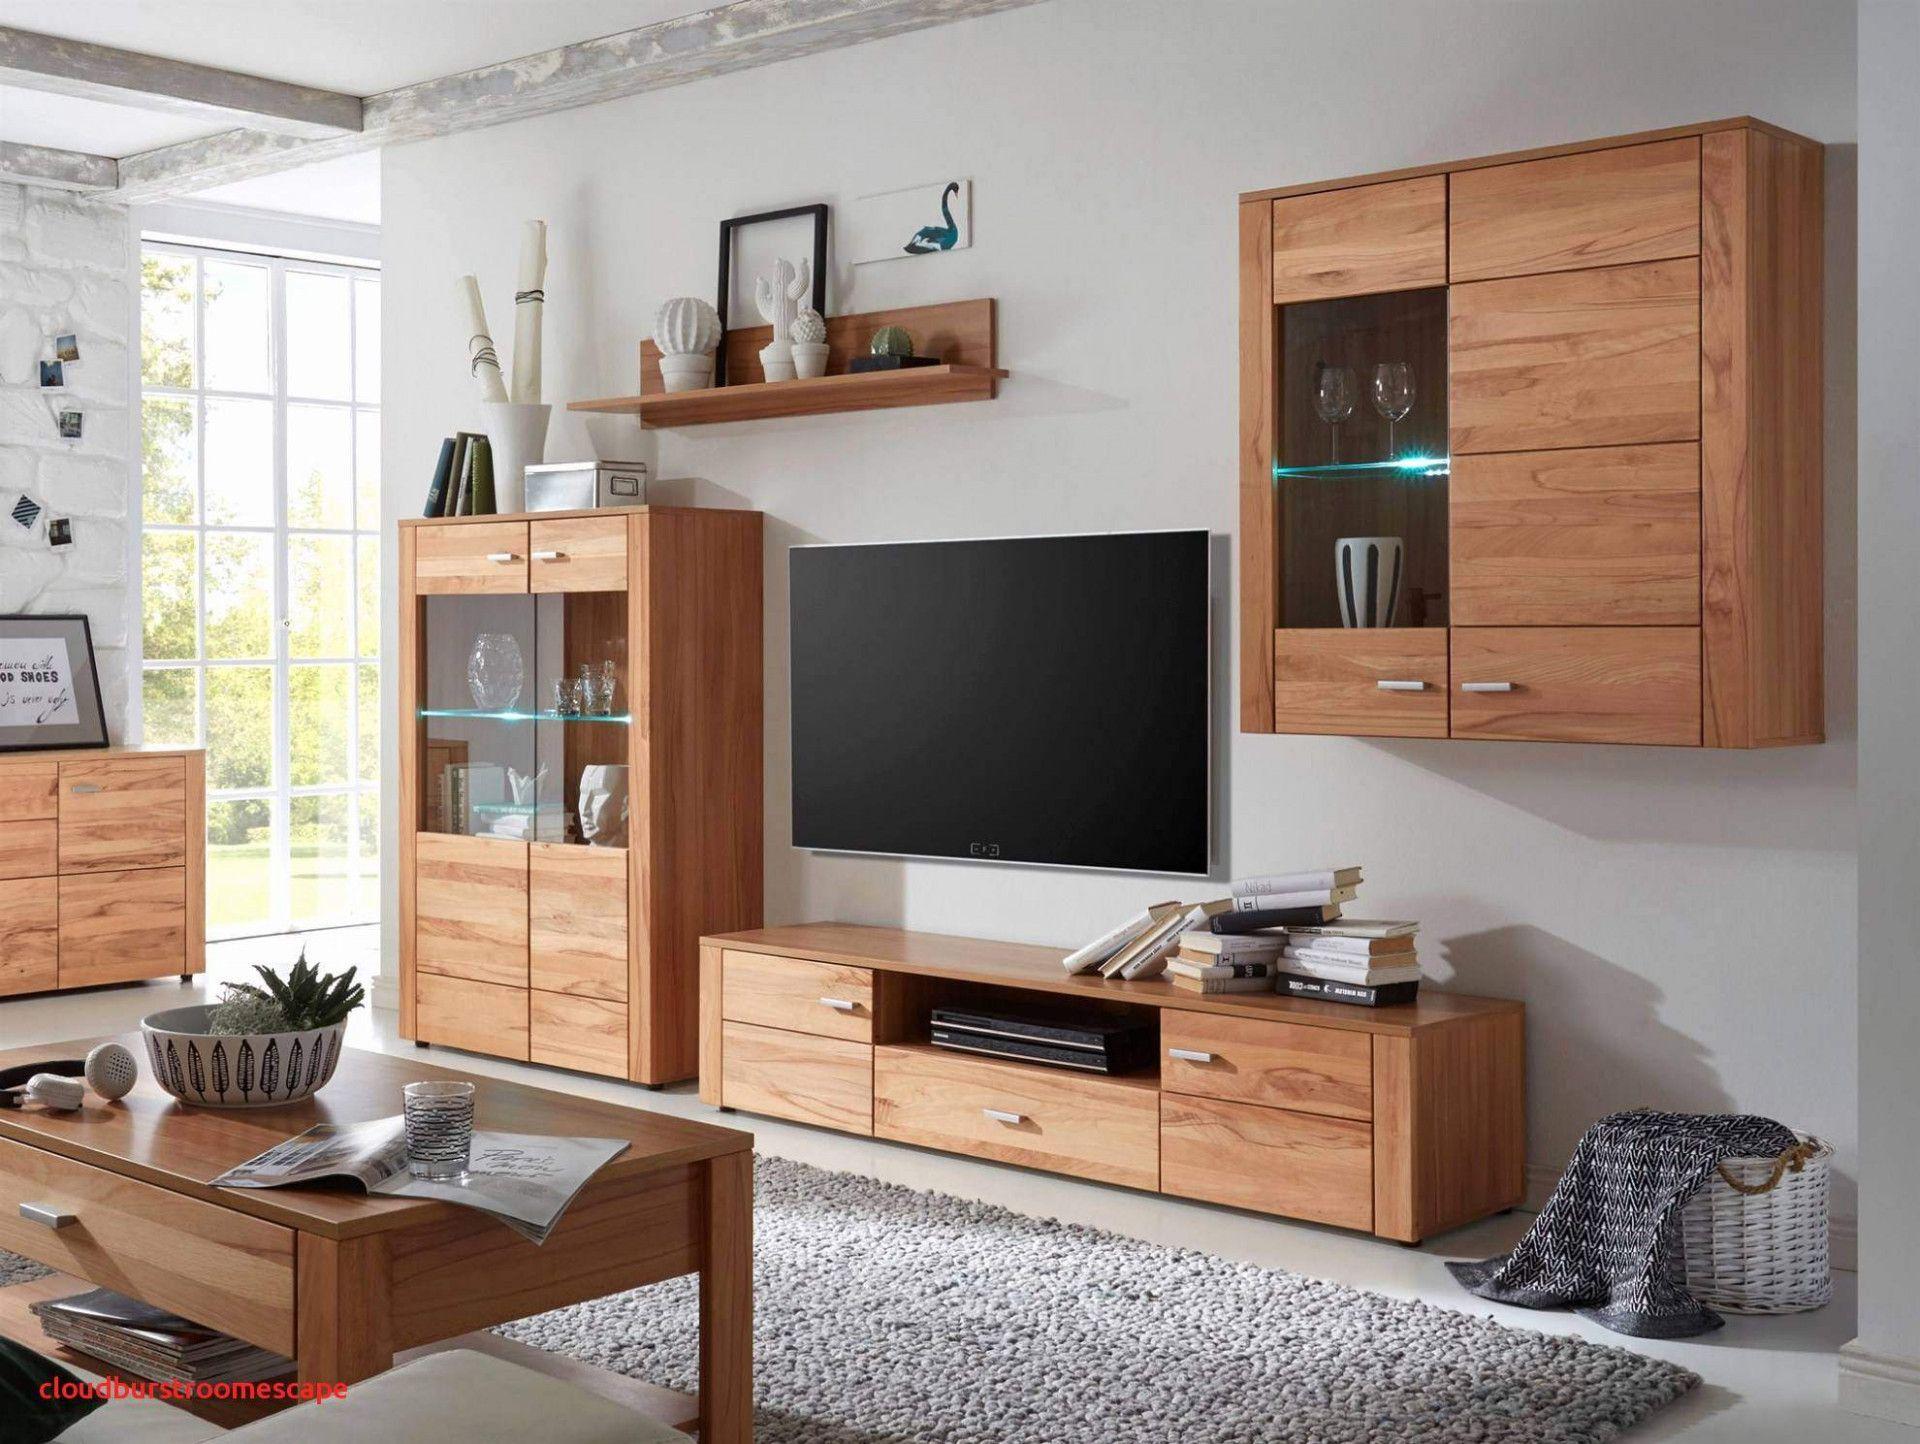 4 Wohnzimmer Trendy Holz in 4  Wohnzimmerschränke, Wohnzimmer